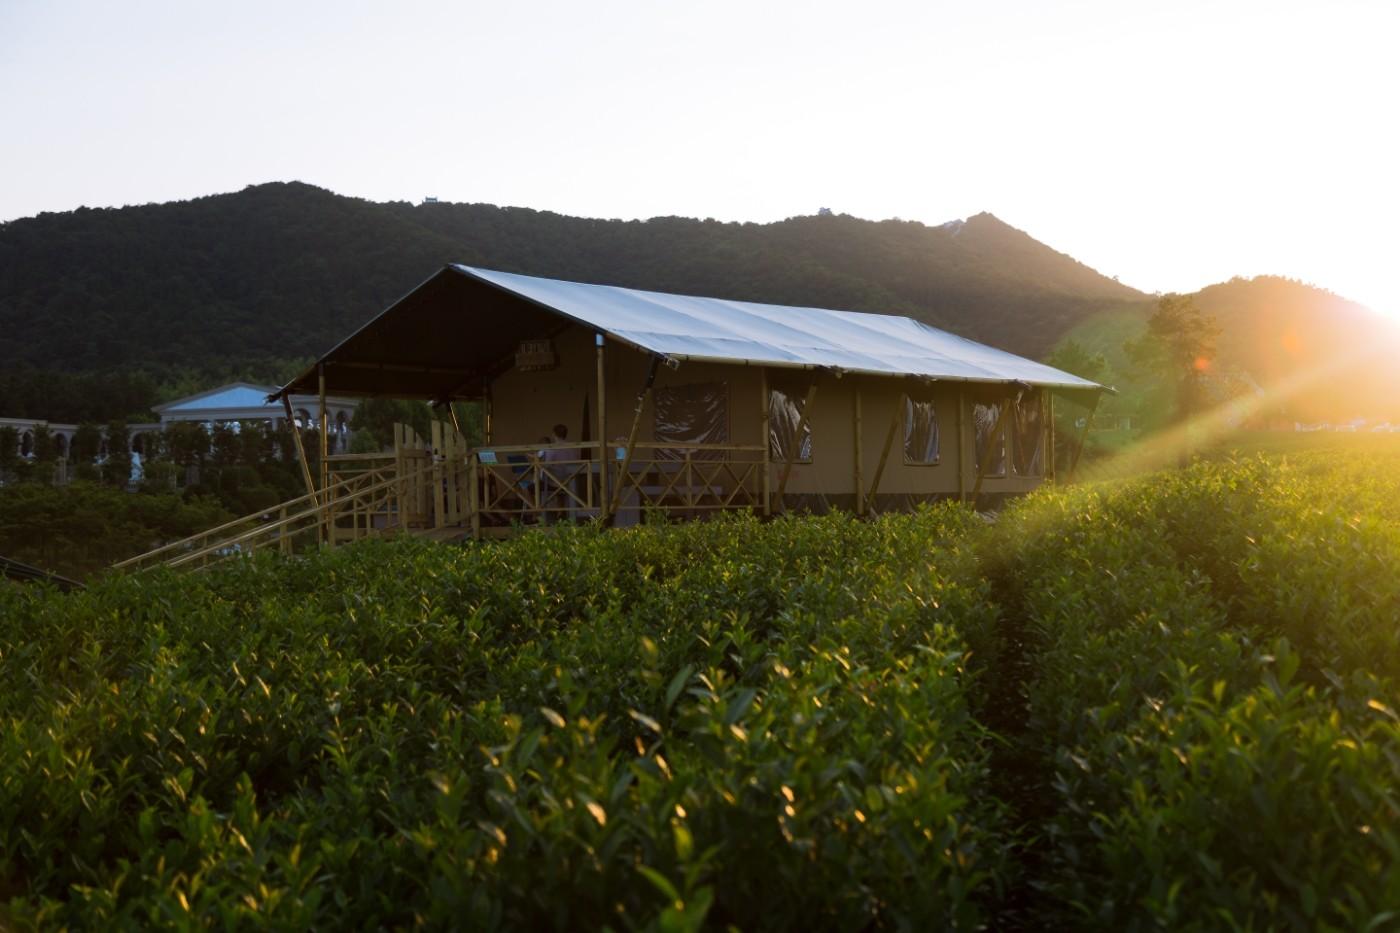 喜马拉雅野奢帐篷酒店—江苏常州茅山宝盛园茶园帐篷酒店22